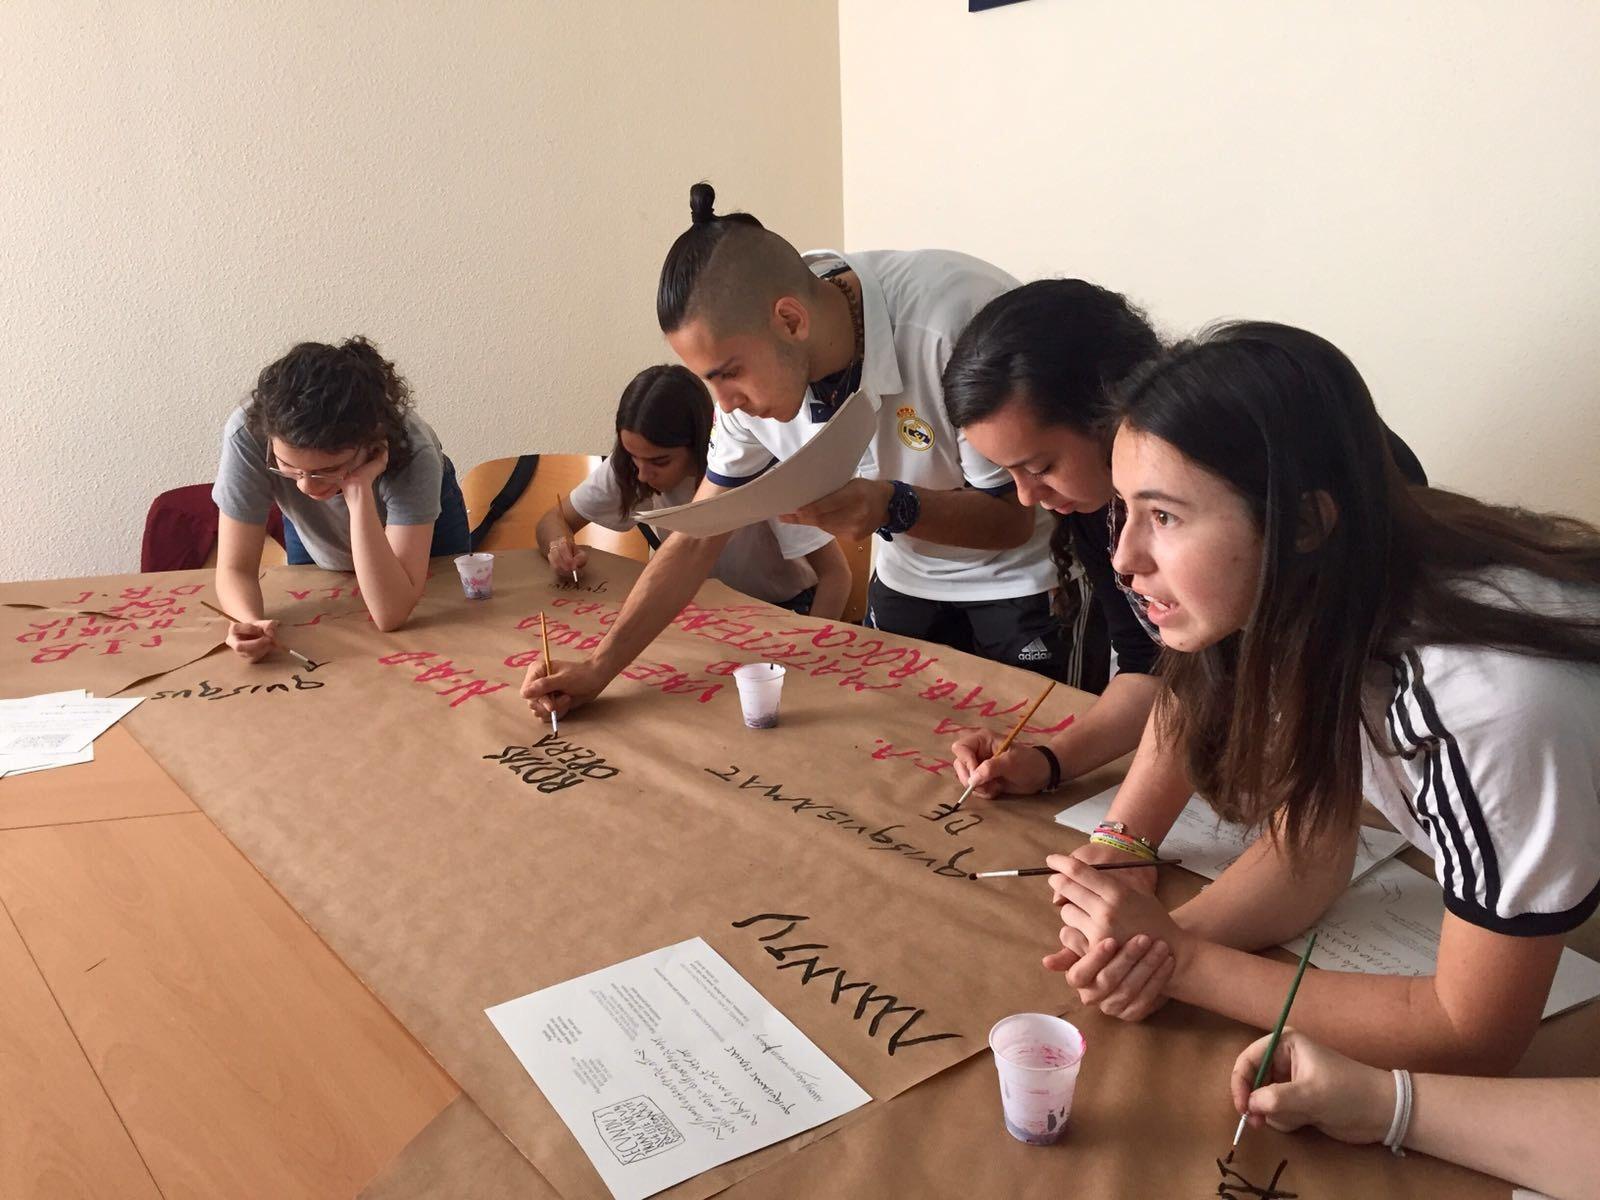 Taller de grafitos pompeyanos - Departamento de Filología Clásica - Universidad Autónoma de Madrid 20